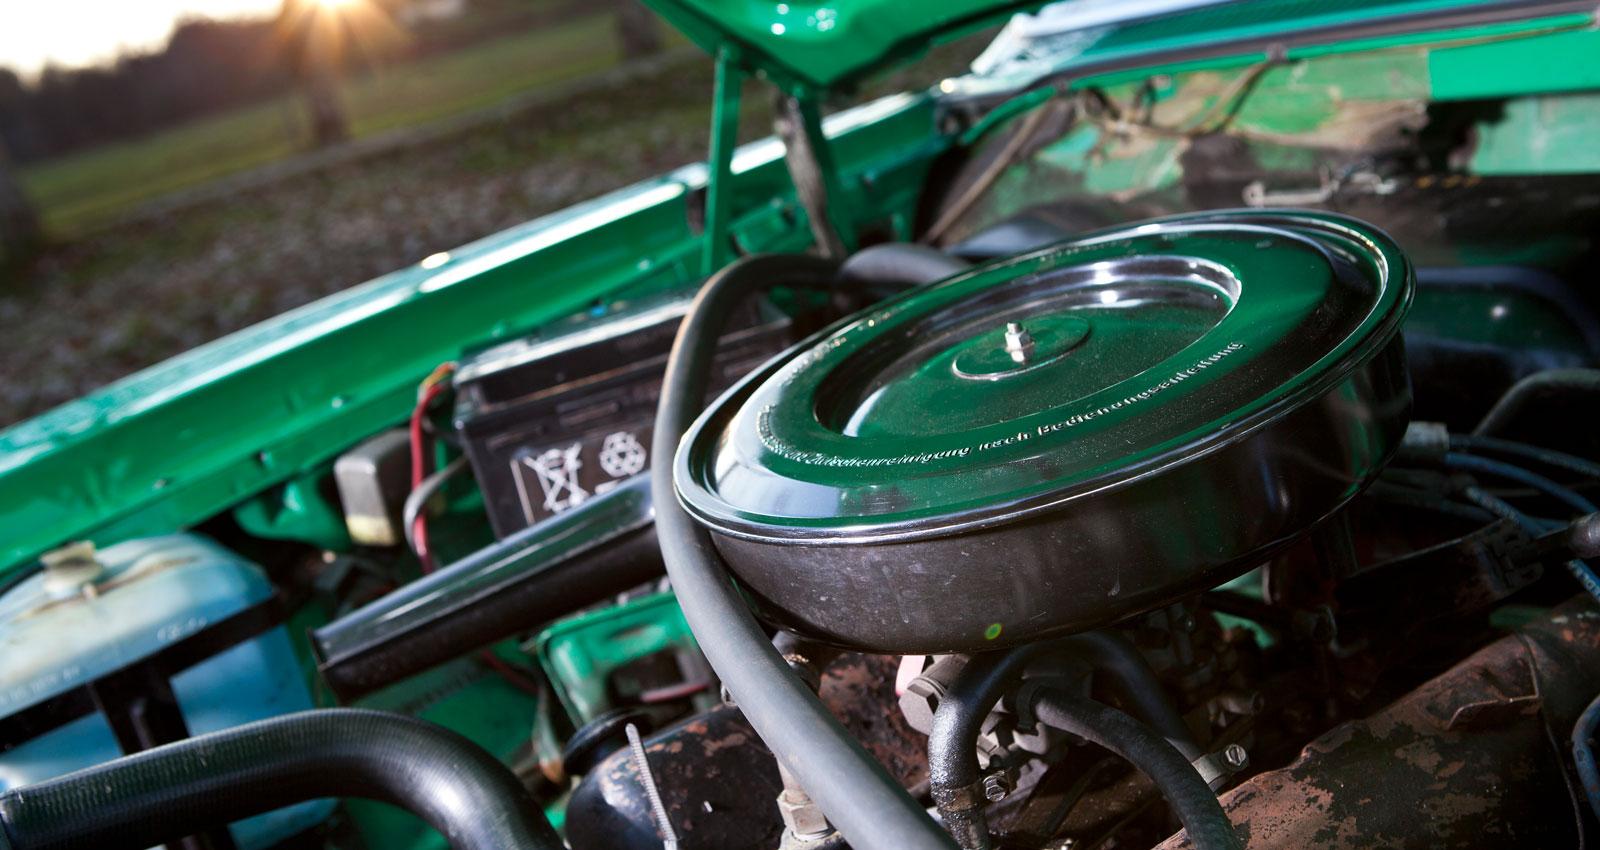 """V6-motorn kom från föregångaren och fanns i olika storlekar: 2,0 – 2,3 – 2,6 liter. I toppmodellen satt den brittiska """"Essex-sexan på tre liter. Den svarta plasten har stått sig bra och bjuder ännu på nybilskänsla."""